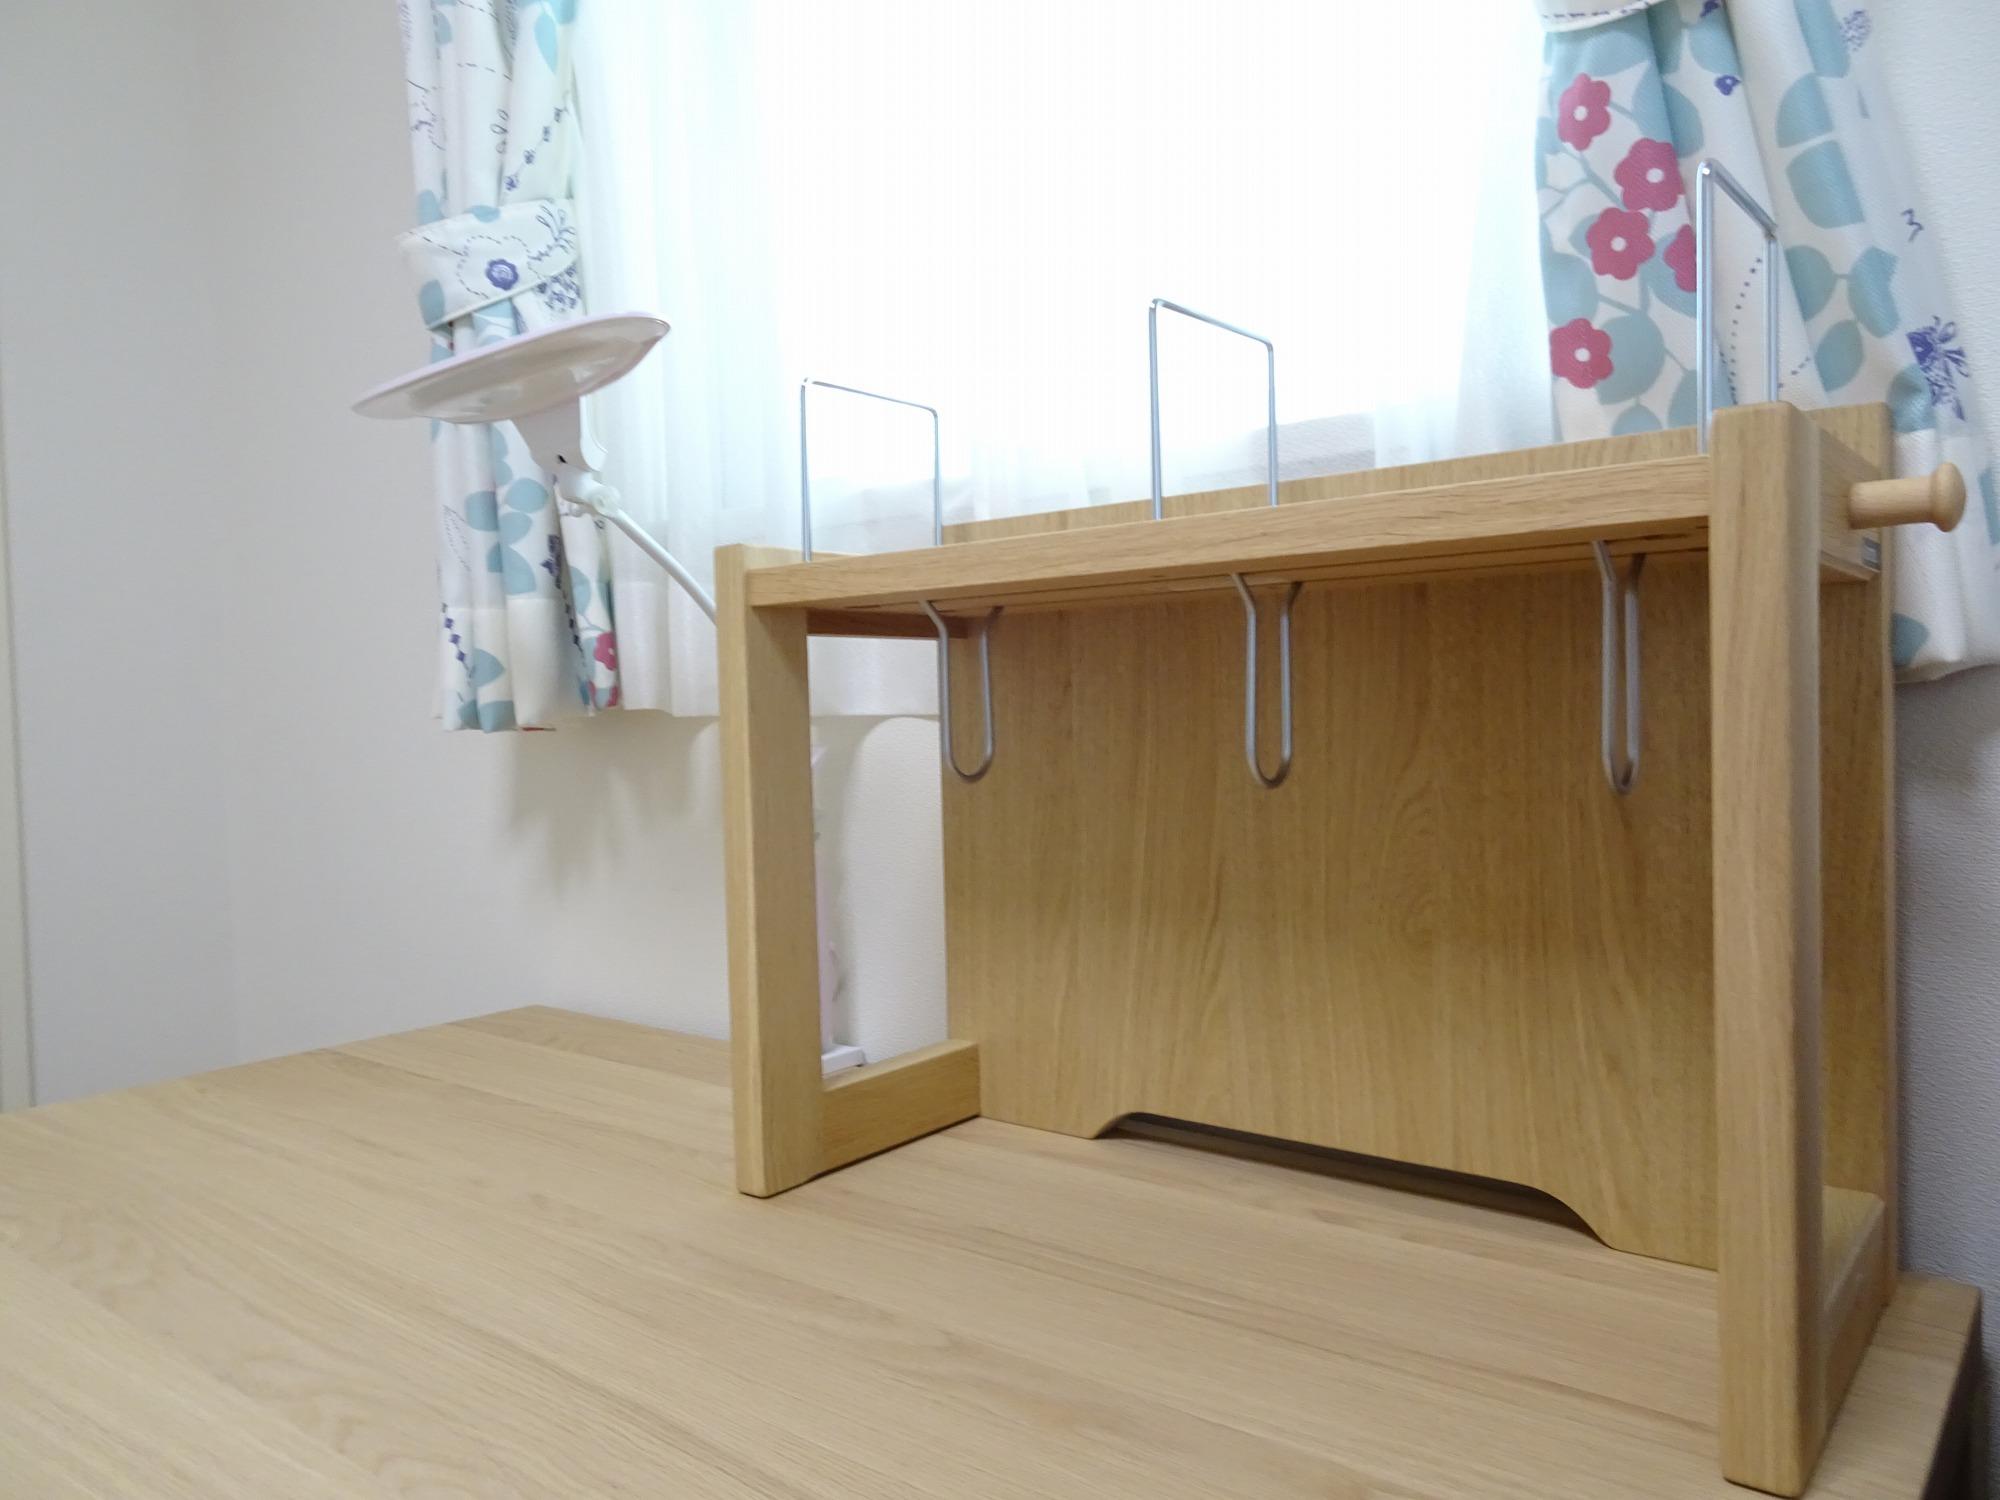 カリモク家具品番 デスク:ST3578ME 本棚:AT0571ME デスクライト:KS0156AA